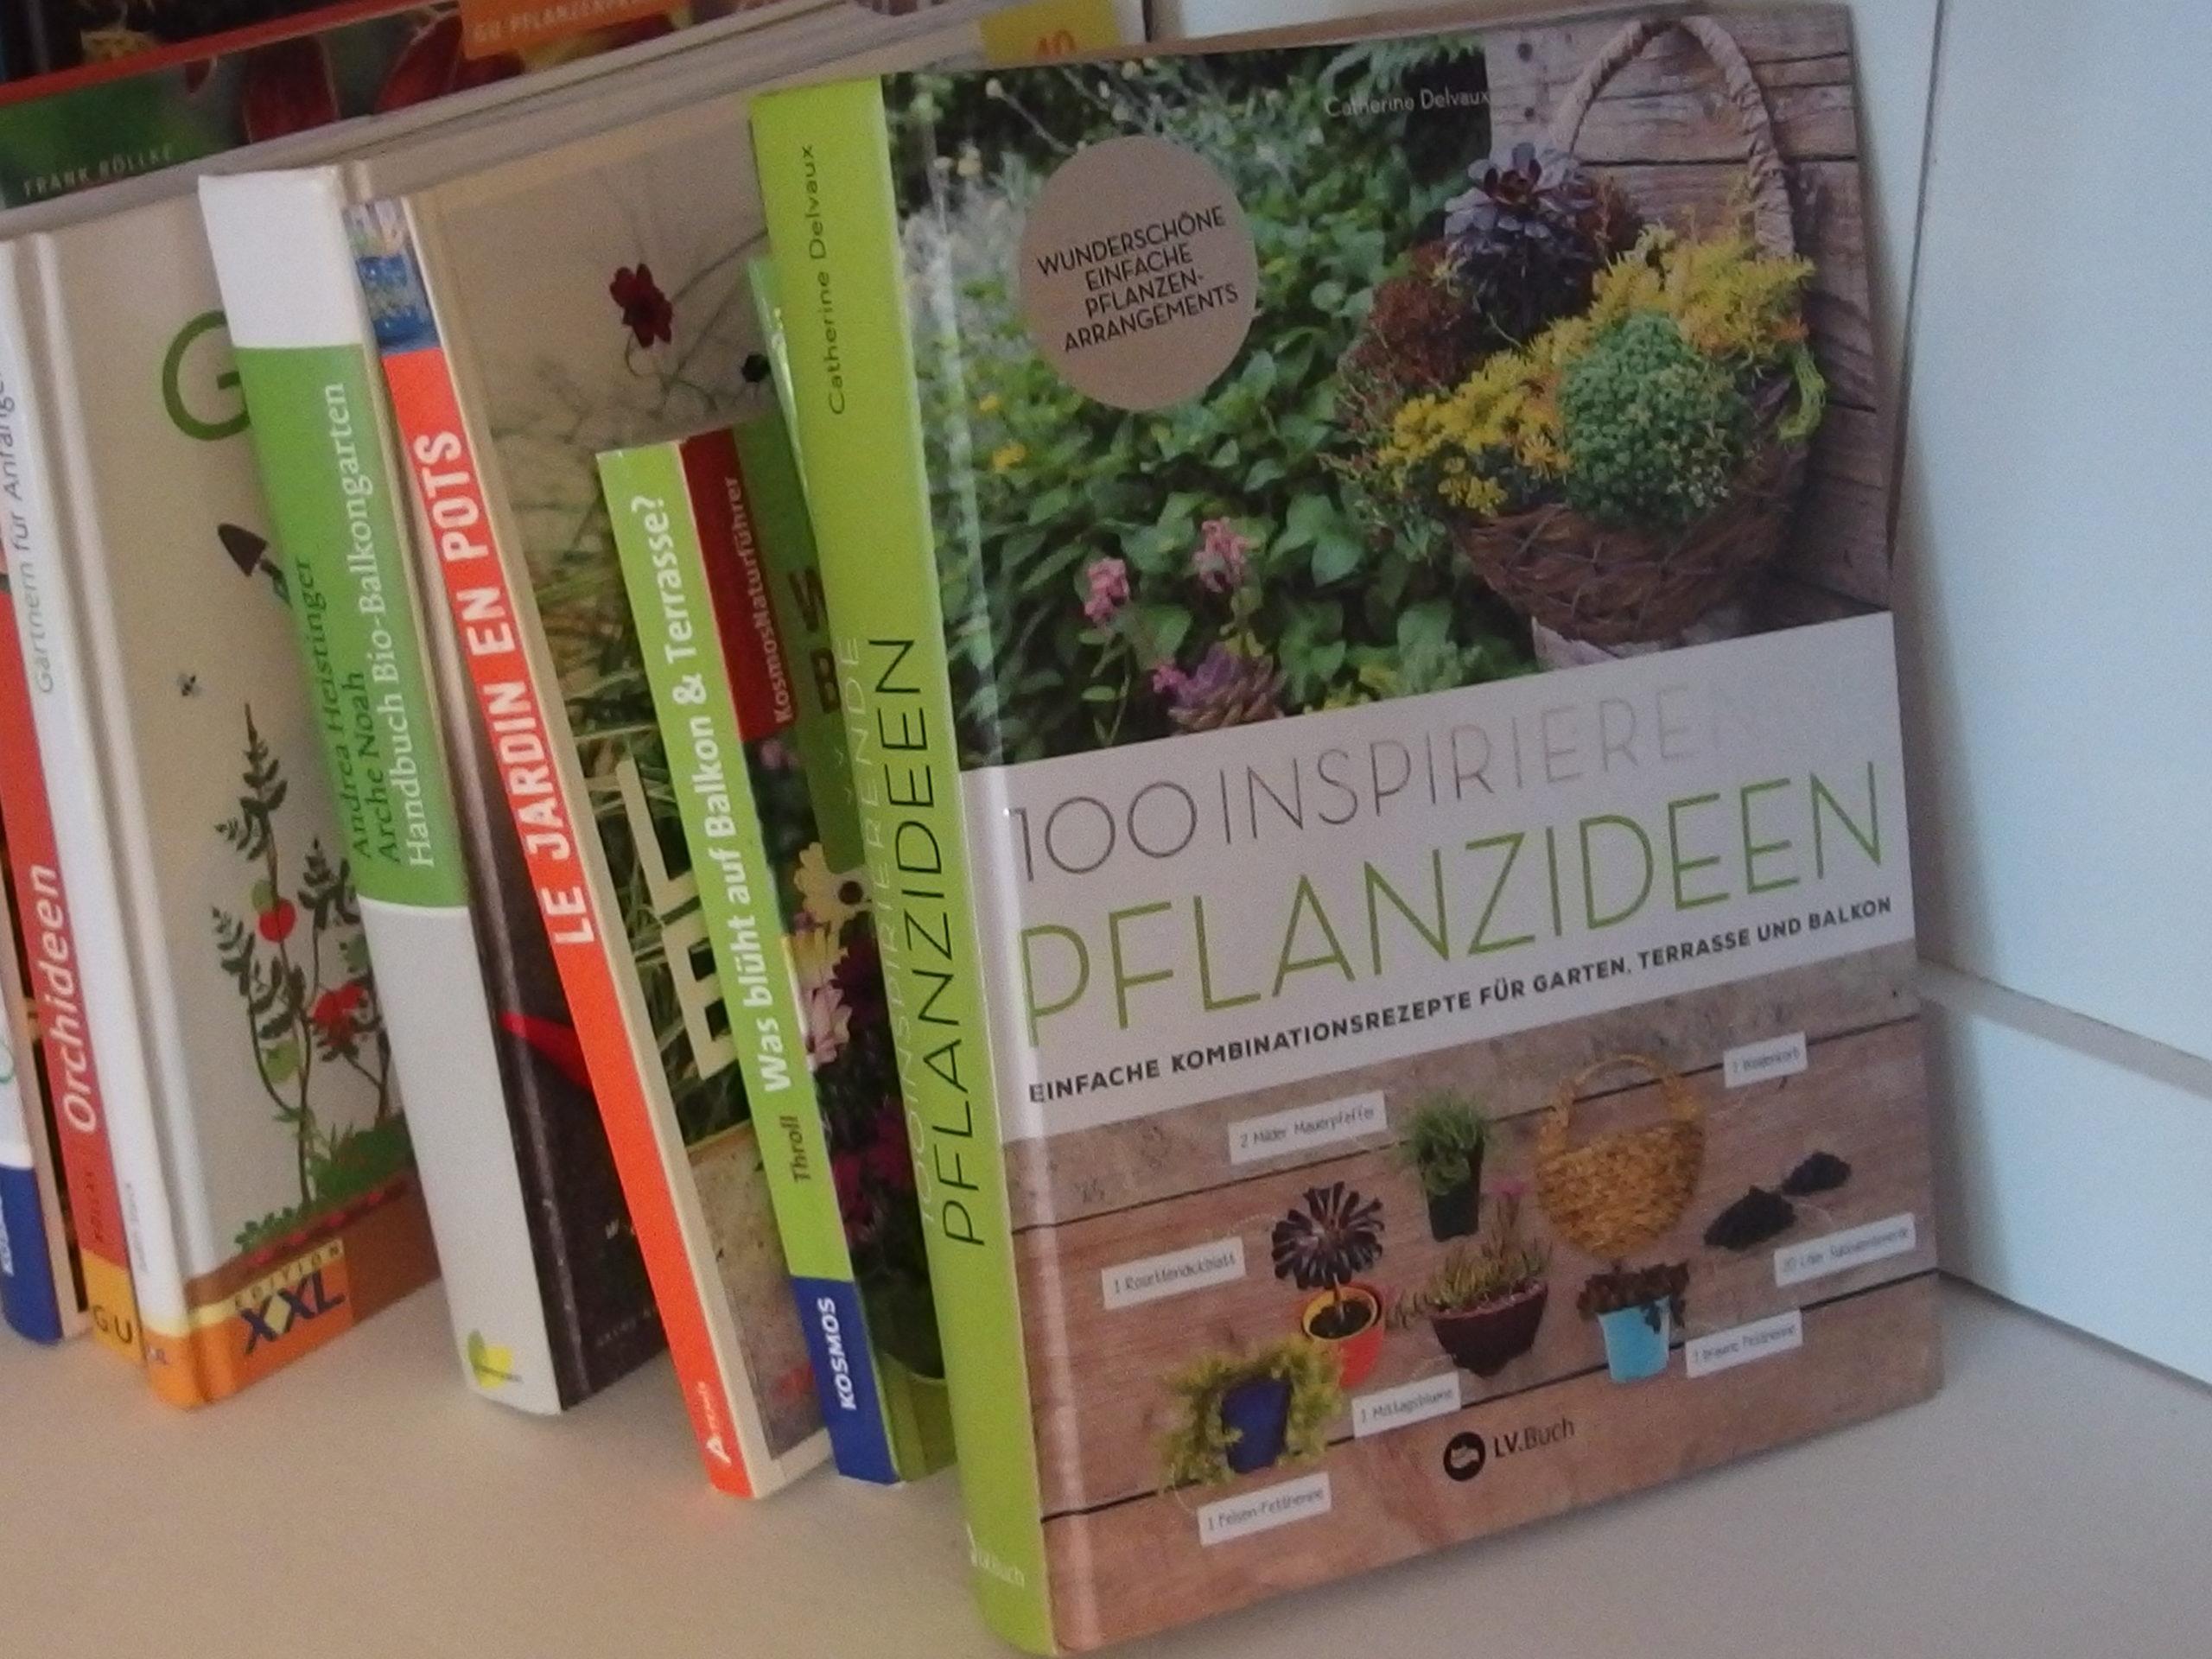 100 projets jardin inratables : chronique du livre